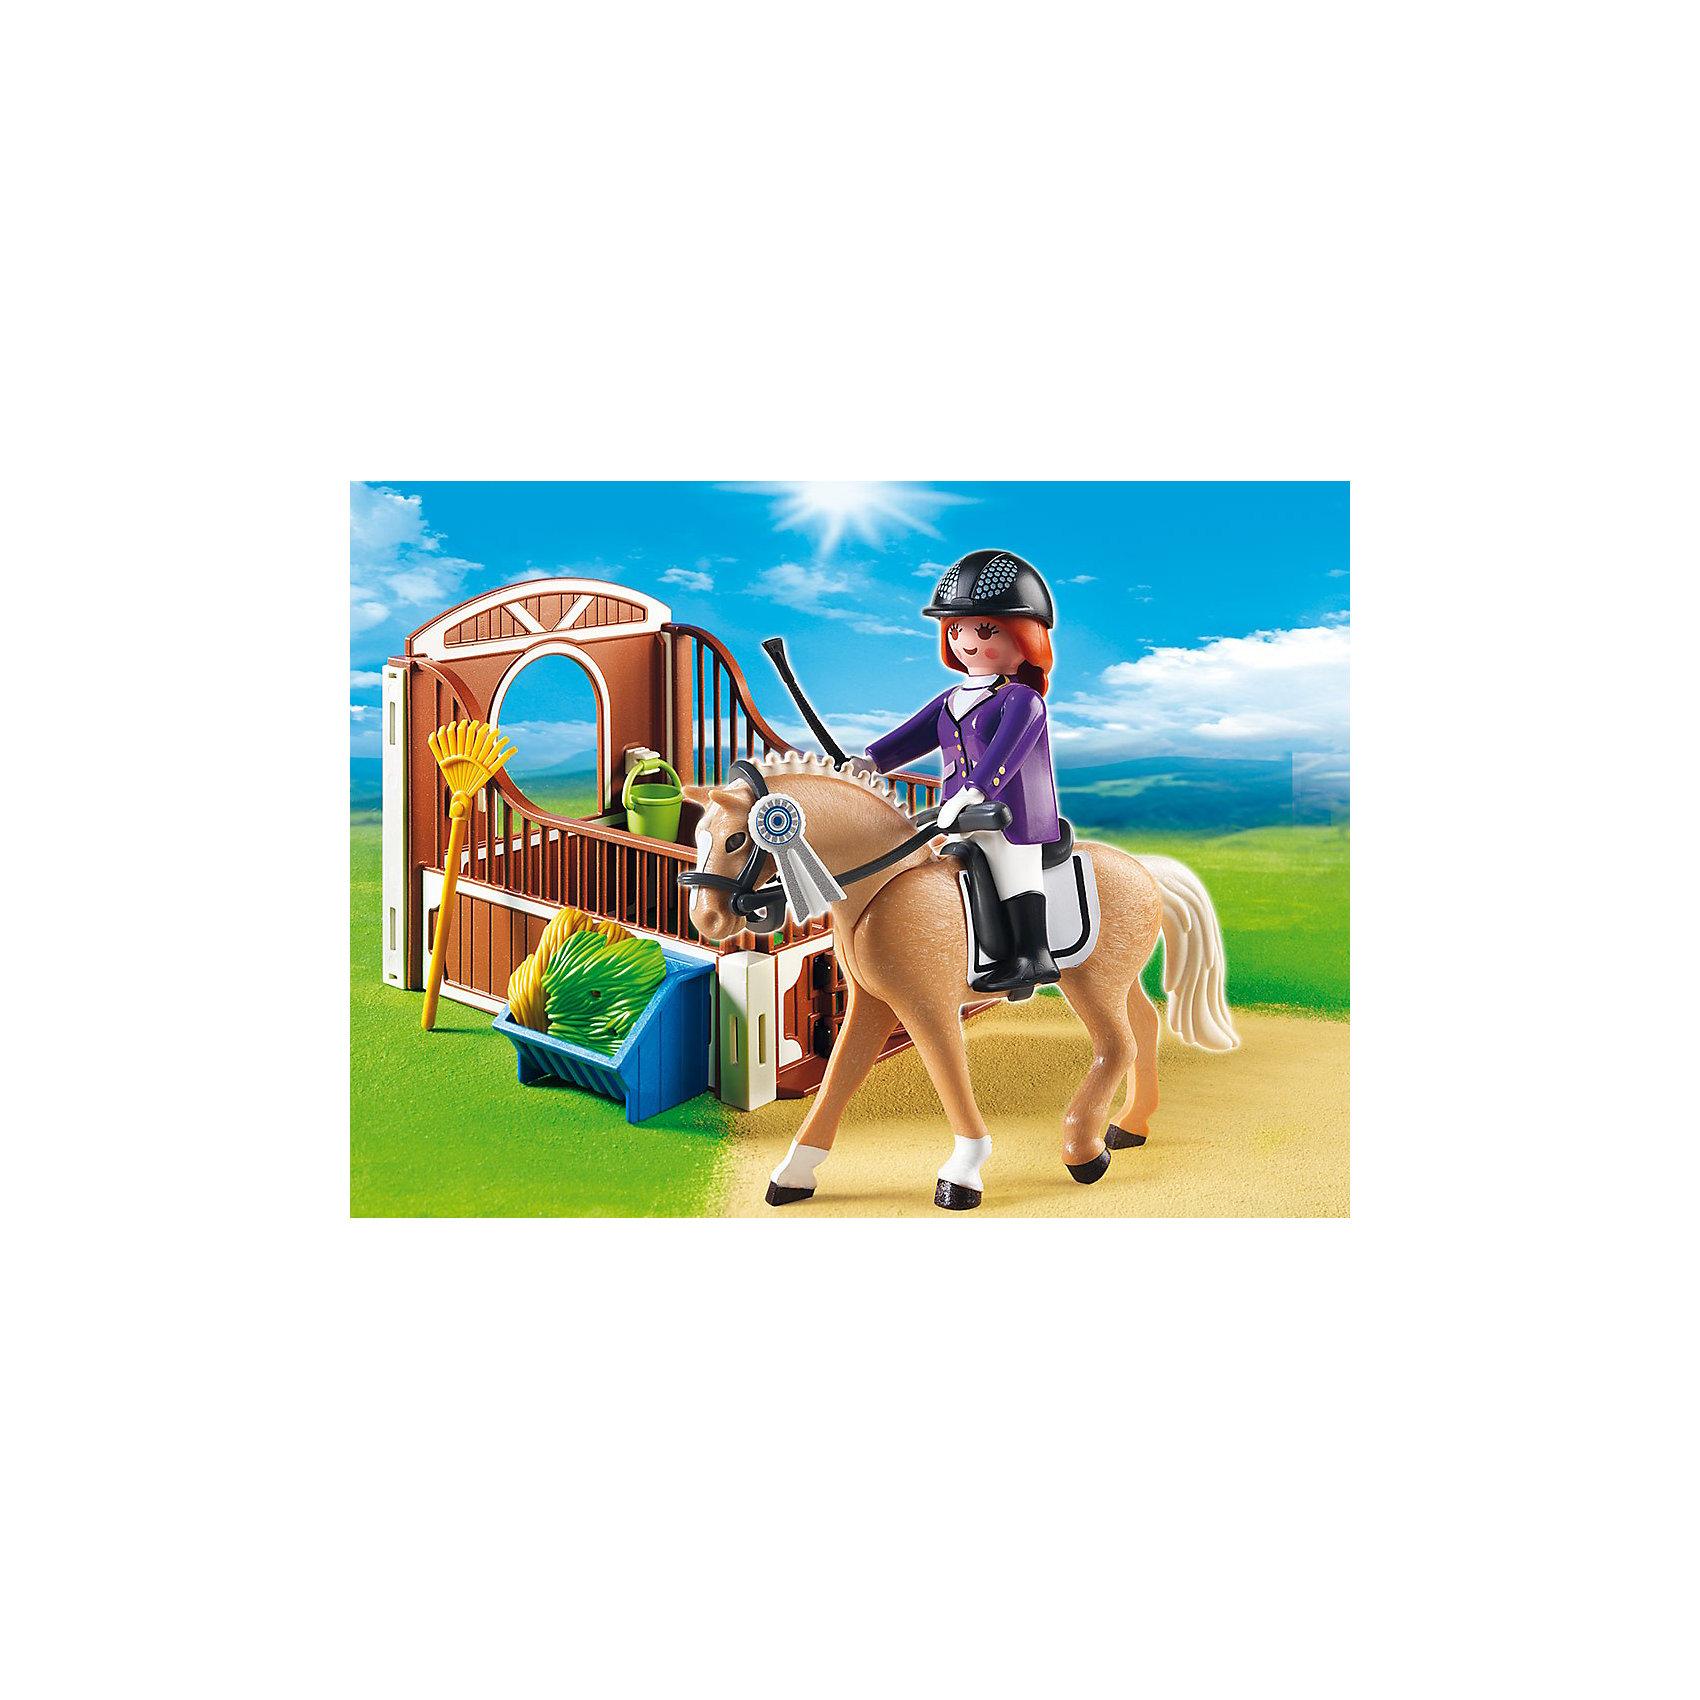 PLAYMOBIL 5520 Конный клуб: Лошадка для прогулок и загонКонструктор PLAYMOBIL (Плеймобил) 5520 Конный клуб: Лошадка для прогулок и загон - находка для заботливых родителей! Конструктор Вашего ребенка должен быть именно таким: красочным, безопасным и очень интересным. Серия Конный клуб специально создана для малышей которые обожают лошадей. Эти сильные и красивые животные помогают людям и участвуют в захватывающих соревнованиях, в которых проявляют свою силу и грацию! Из деталей набора Лошадка для прогулок и загон малыш сможет построить место, где лошадка сможет отдохнуть после соревнований и долгих прогулок. Заведя лошадку в стоило, ее нужно напоить и накормить вкусным сеном. Поддерживай загон в чистоте и лошадка будет тебе благодарна. Создай увлекательные сюжеты с набором Лошадка для прогулок и загон или объедини его с другими наборами серии и игра станет еще интереснее. Придумывая замечательные сюжеты с деталями конструктора, Ваш ребенок развивает фантазию, учится заботе и просто прекрасно проводит время!<br><br>Дополнительная информация:<br><br>- Конструкторы PLAYMOBIL (Плеймобил) отлично развивают мелкую моторику, фантазию и воображение;<br>- В наборе: минифигурка наездницы, лошадка, детали для постройки загона, контейнер, ведро, уздечка, сено, инструменты, аксессуары;<br>- Количество элементов: 31 шт;<br>- Материал: безопасный пластик;<br>- Размер минифигурки: 7,5 см;<br>- Размер упаковки: 25 х 15 х 5 см<br><br>Конструктор PLAYMOBIL (Плеймобил) 5520 Конный клуб: Лошадка для прогулок и загон можно купить в нашем интернет-магазине.<br><br>Ширина мм: 339<br>Глубина мм: 154<br>Высота мм: 56<br>Вес г: 209<br>Возраст от месяцев: 48<br>Возраст до месяцев: 120<br>Пол: Женский<br>Возраст: Детский<br>SKU: 3350616